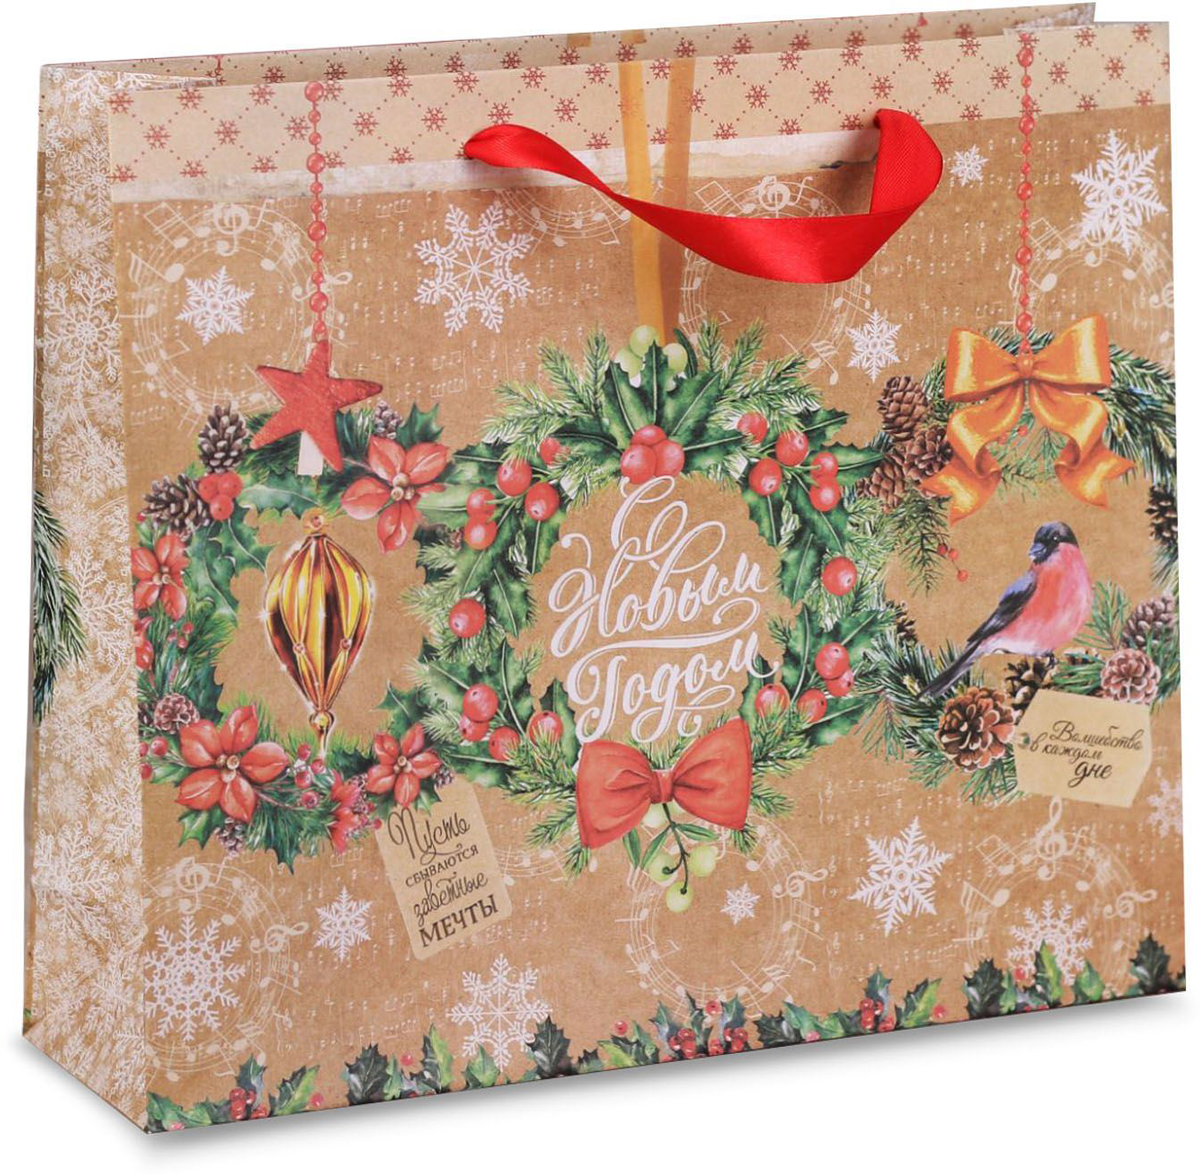 Пакет подарочный Дарите Счастье Пусть сбываются мечты, горизонтальный крафт, 23 х 18 х 8 см. 21242124Привлекательная упаковка послужит достойным украшением любого, даже самого скромного подарка. Она поможет создать интригу и продлить время предвкушения чуда - момента, когда презент окажется в руках адресата. Подарочный пакет Дарите Счастье Пусть сбываются мечты имеет яркий, оригинальный дизайн, который обязательно понравится получателю! Изделие выполнено из плотной крафтовой бумаги, благодаря чему обеспечит надёжную защиту содержимого.Размер: 23 х 18 х 8 см.